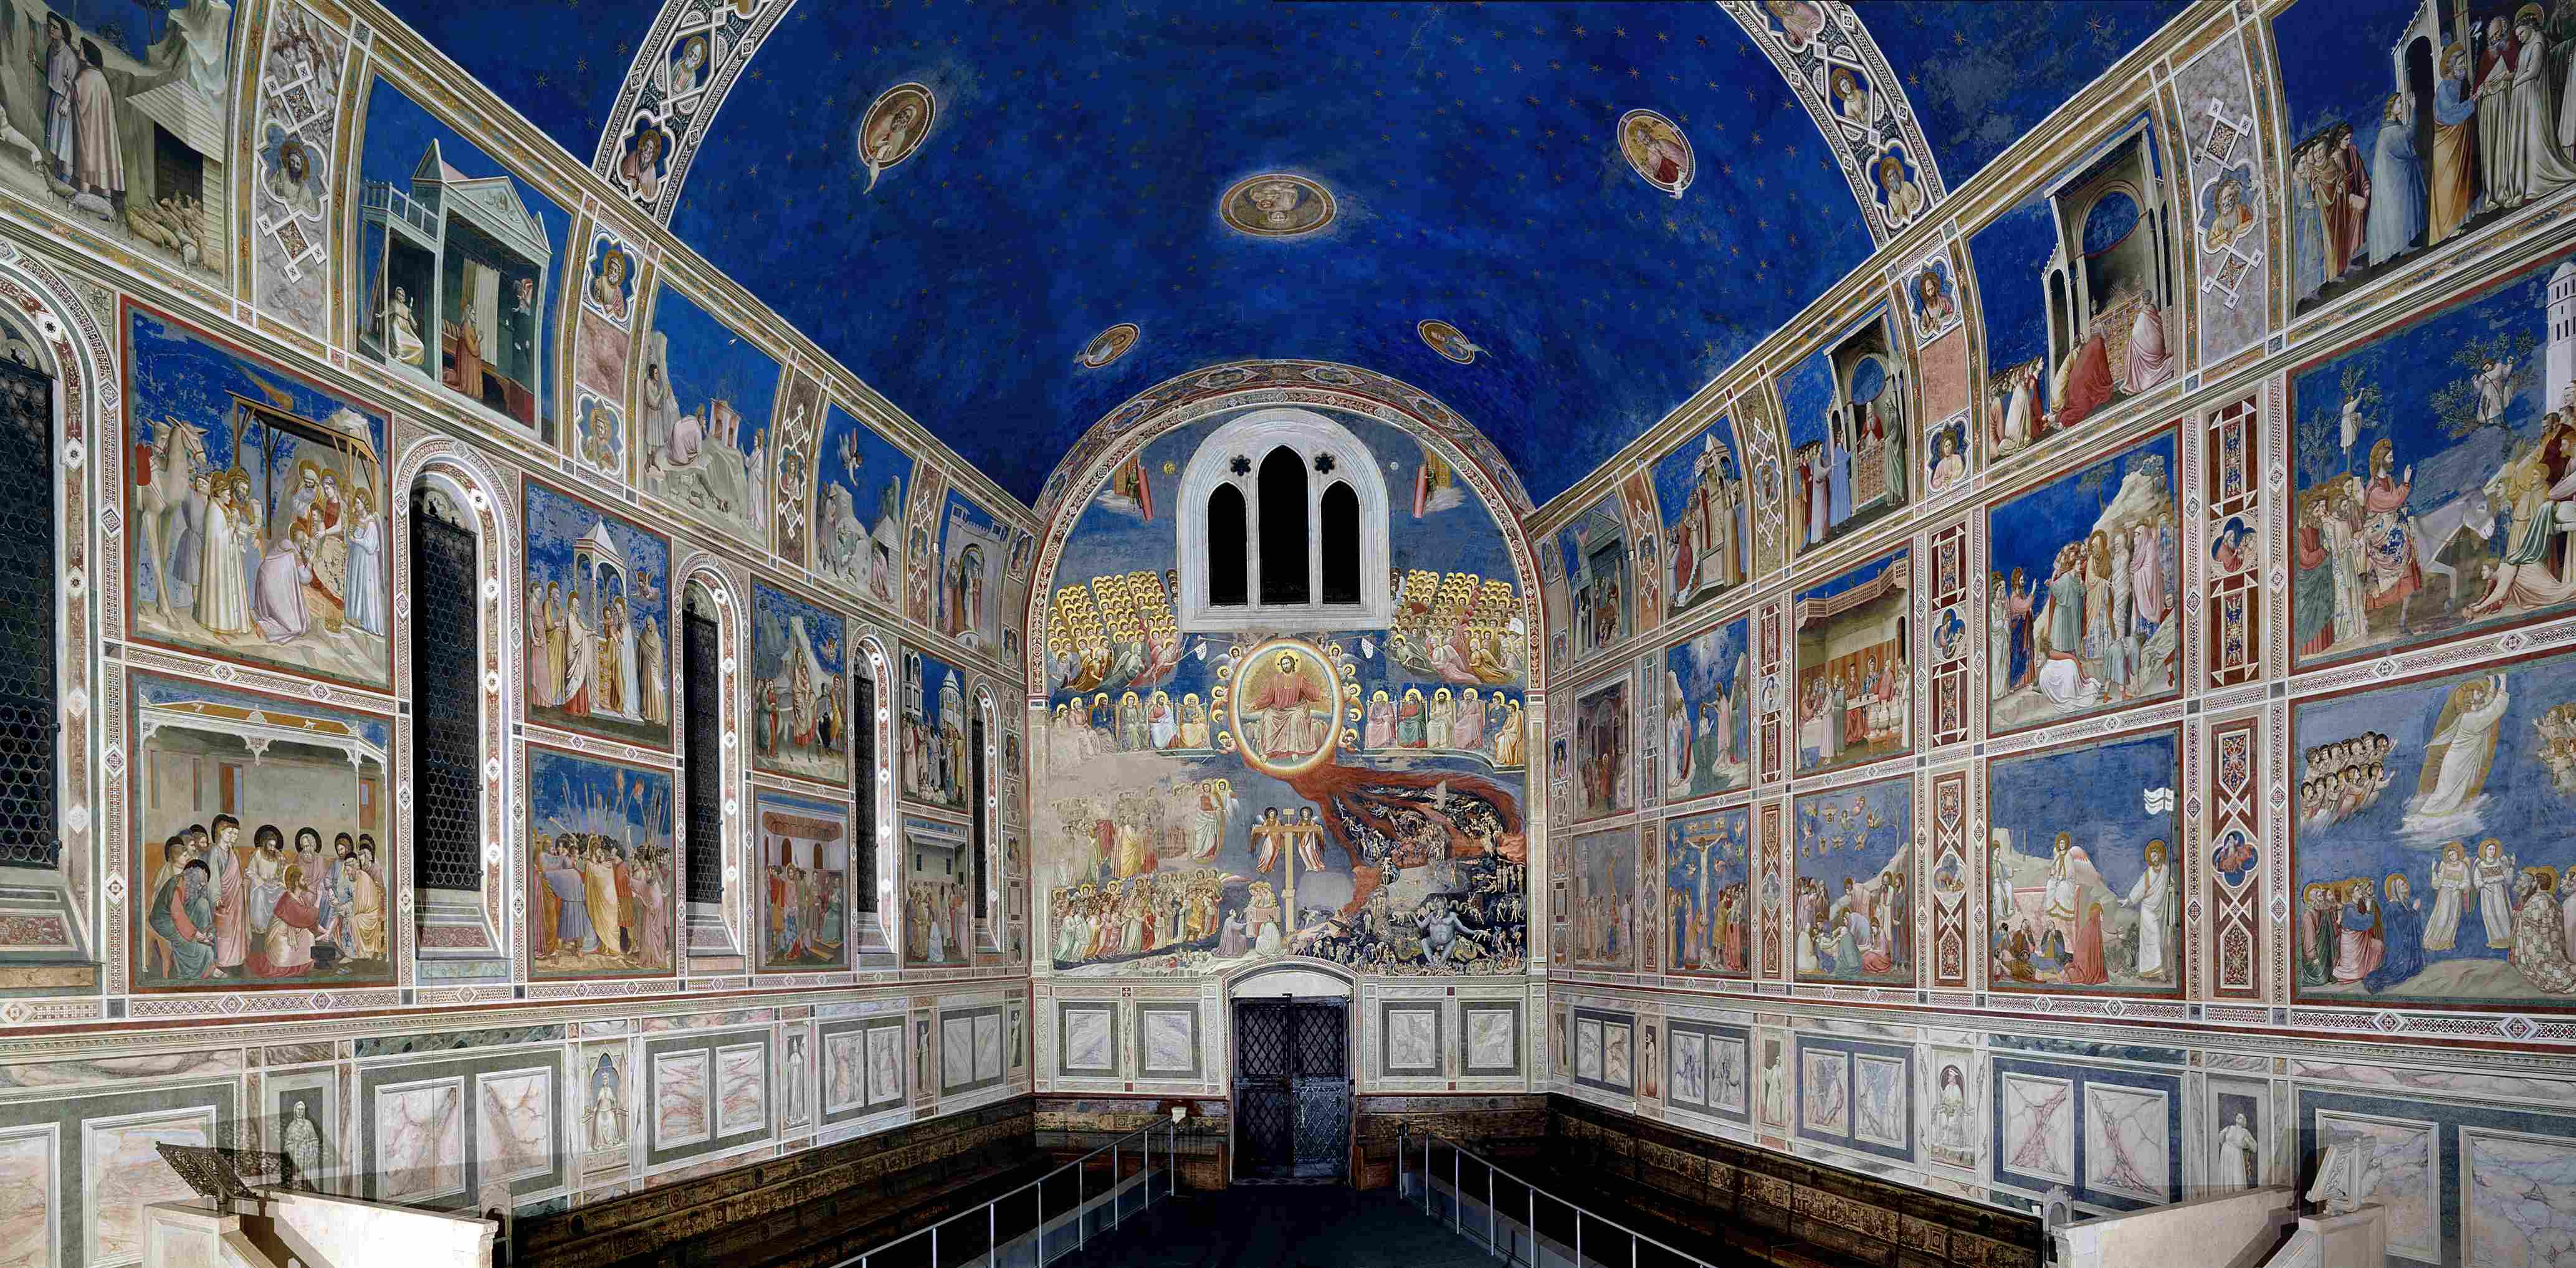 Na parede da porta de entrada, a capela traz a representação do Juízo Final; à esquerda, as imagens que representam os vícios correspondentes ao inferno; à direita, vemos as virtudes que levam ao paraíso.